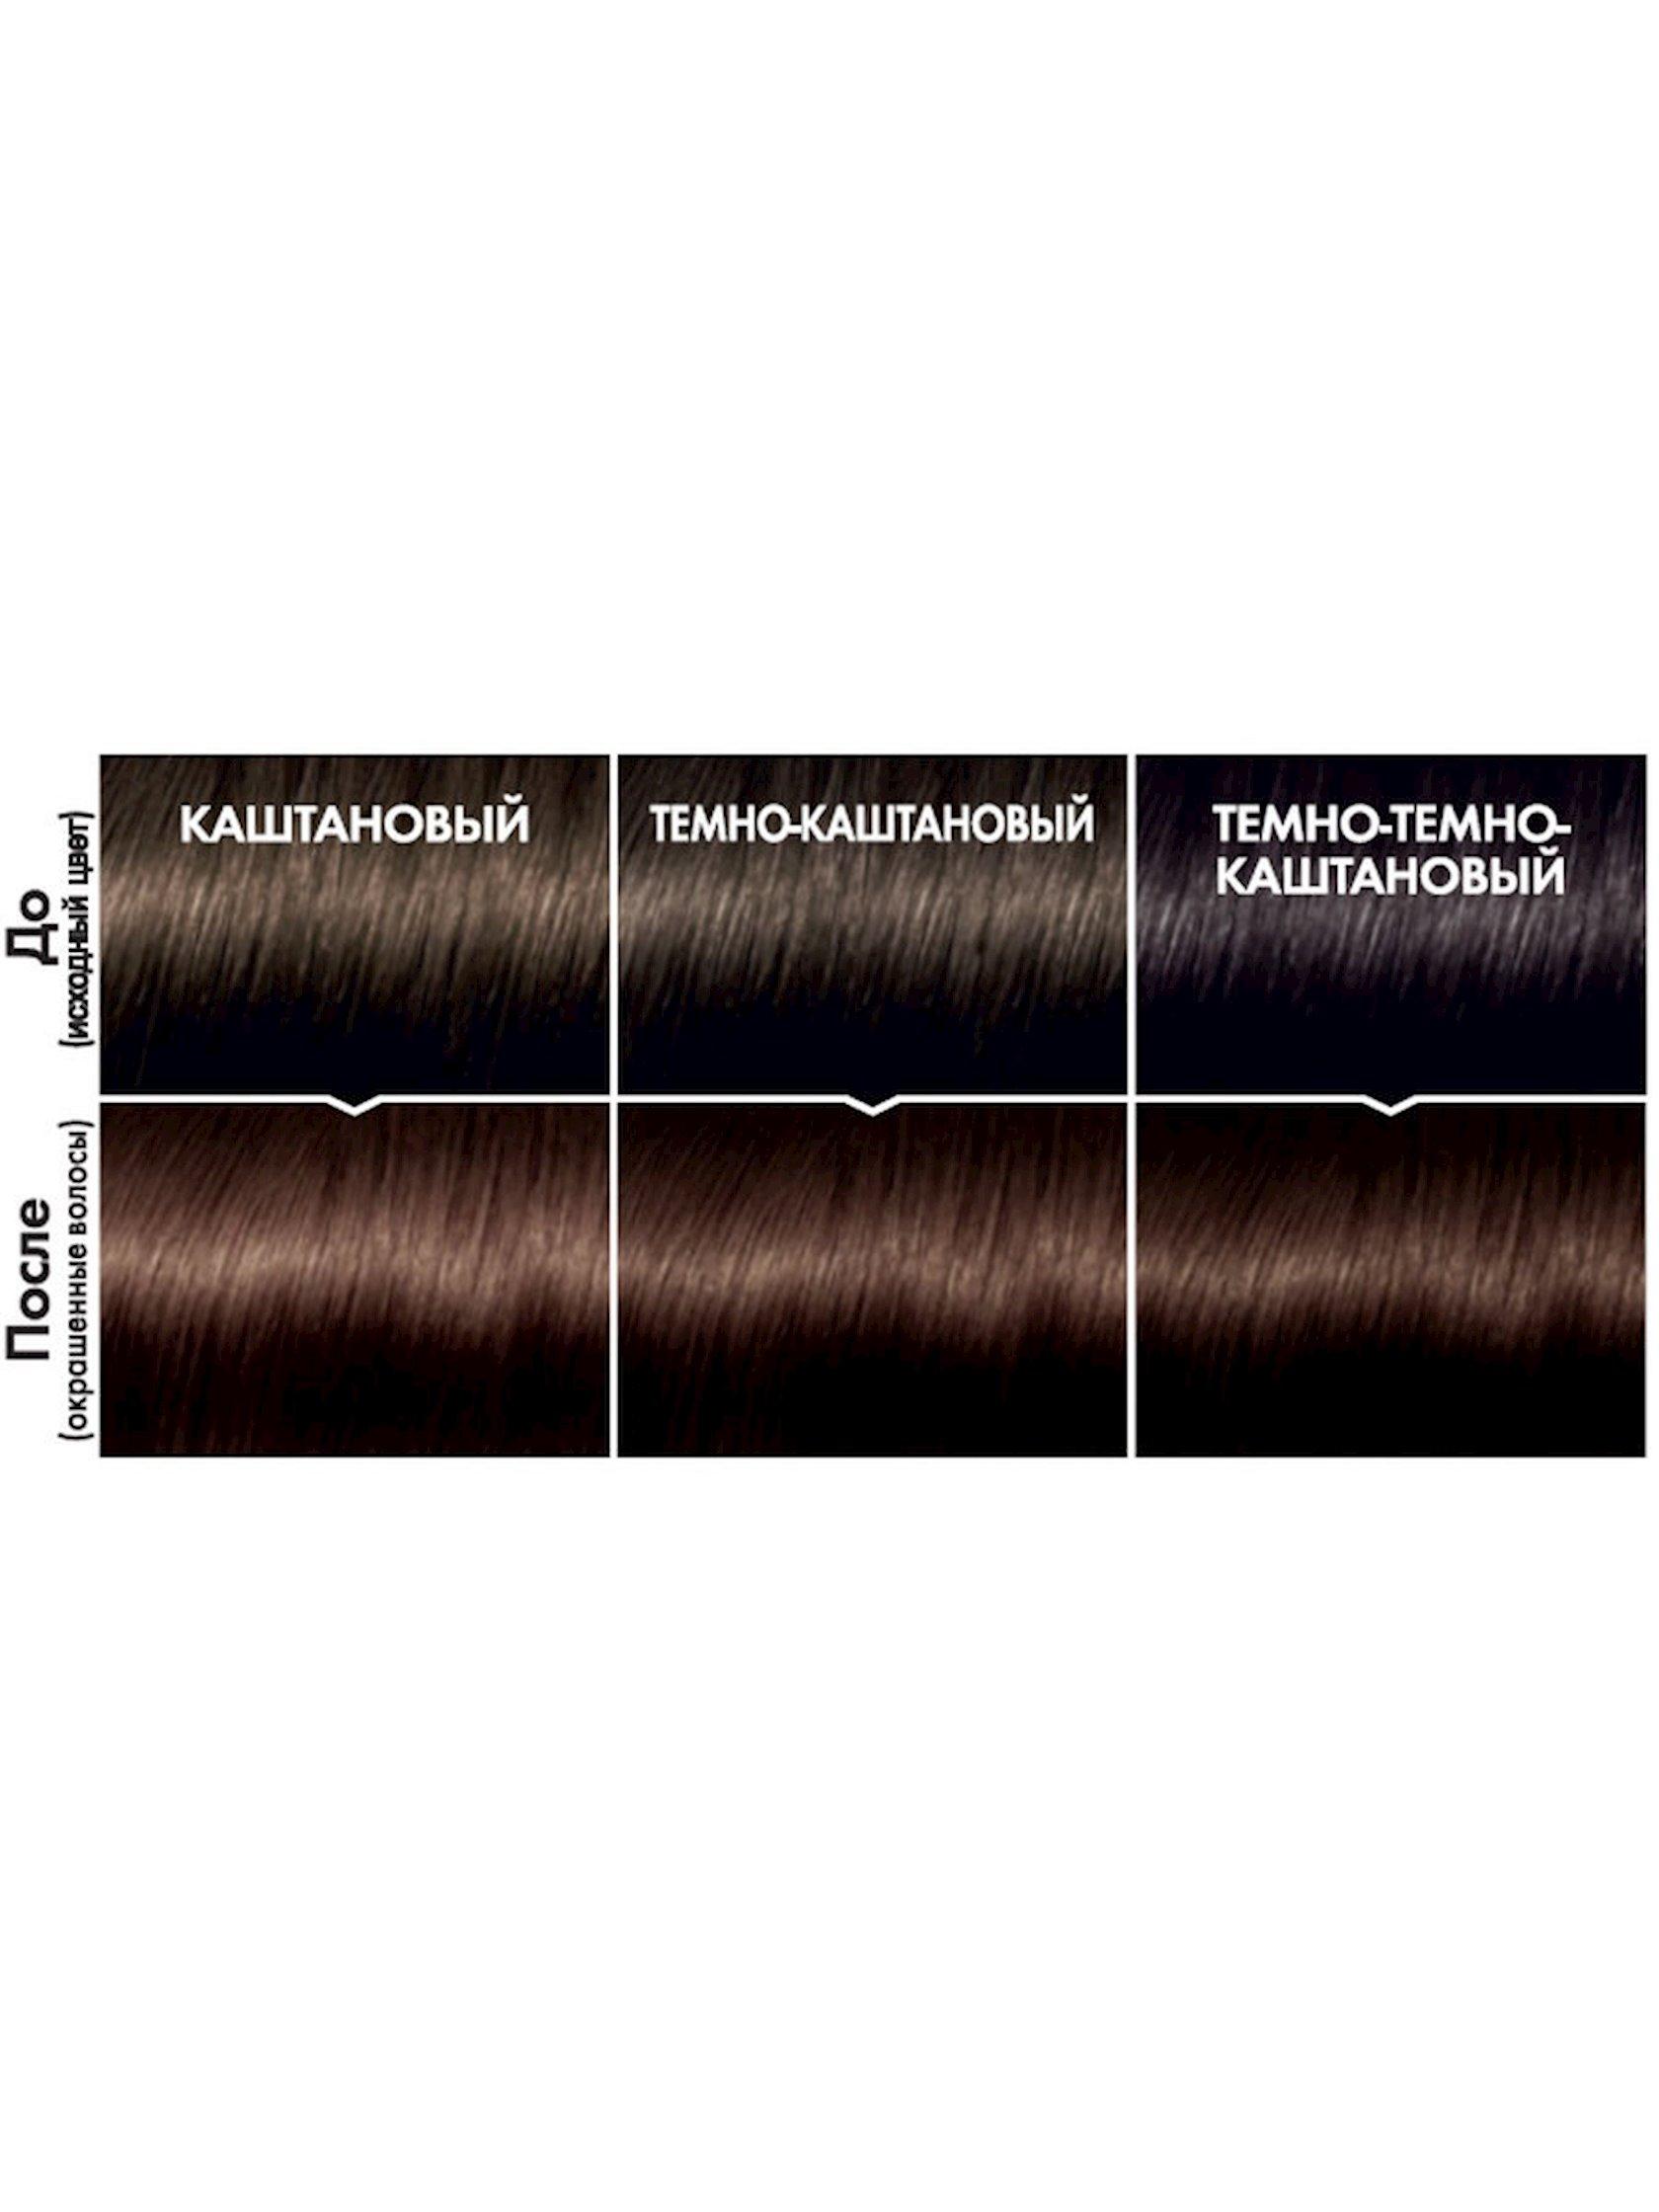 Saç üçün qalıcı krem-boya L'Oreal Paris Casting Creme Gloss ammonyaksız 323 Tünd şokolad